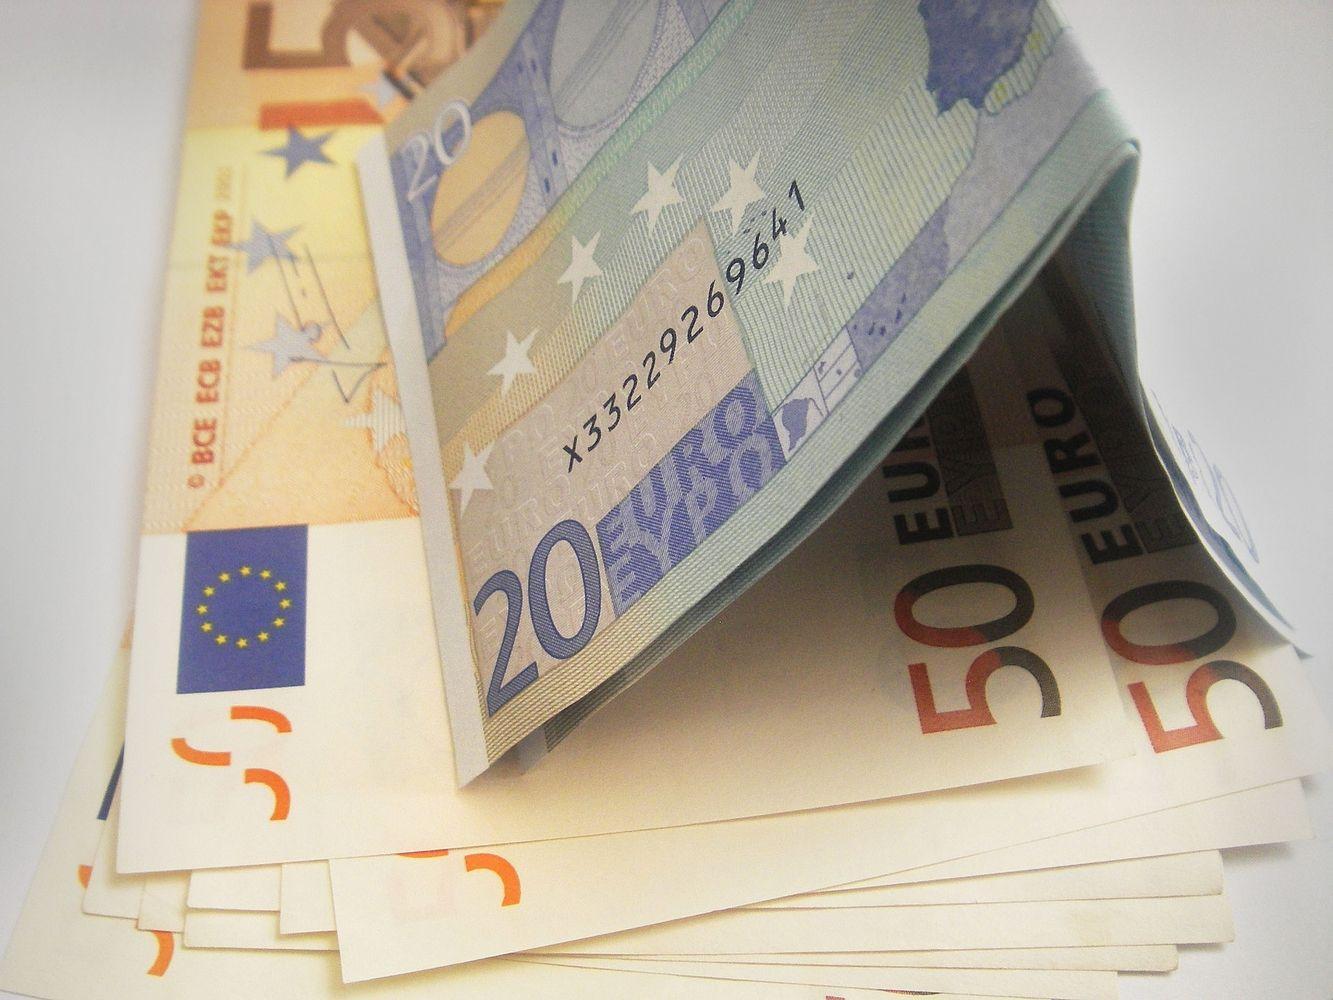 Pensijų anuitetai be pagražinimo: kokia realiišmoka